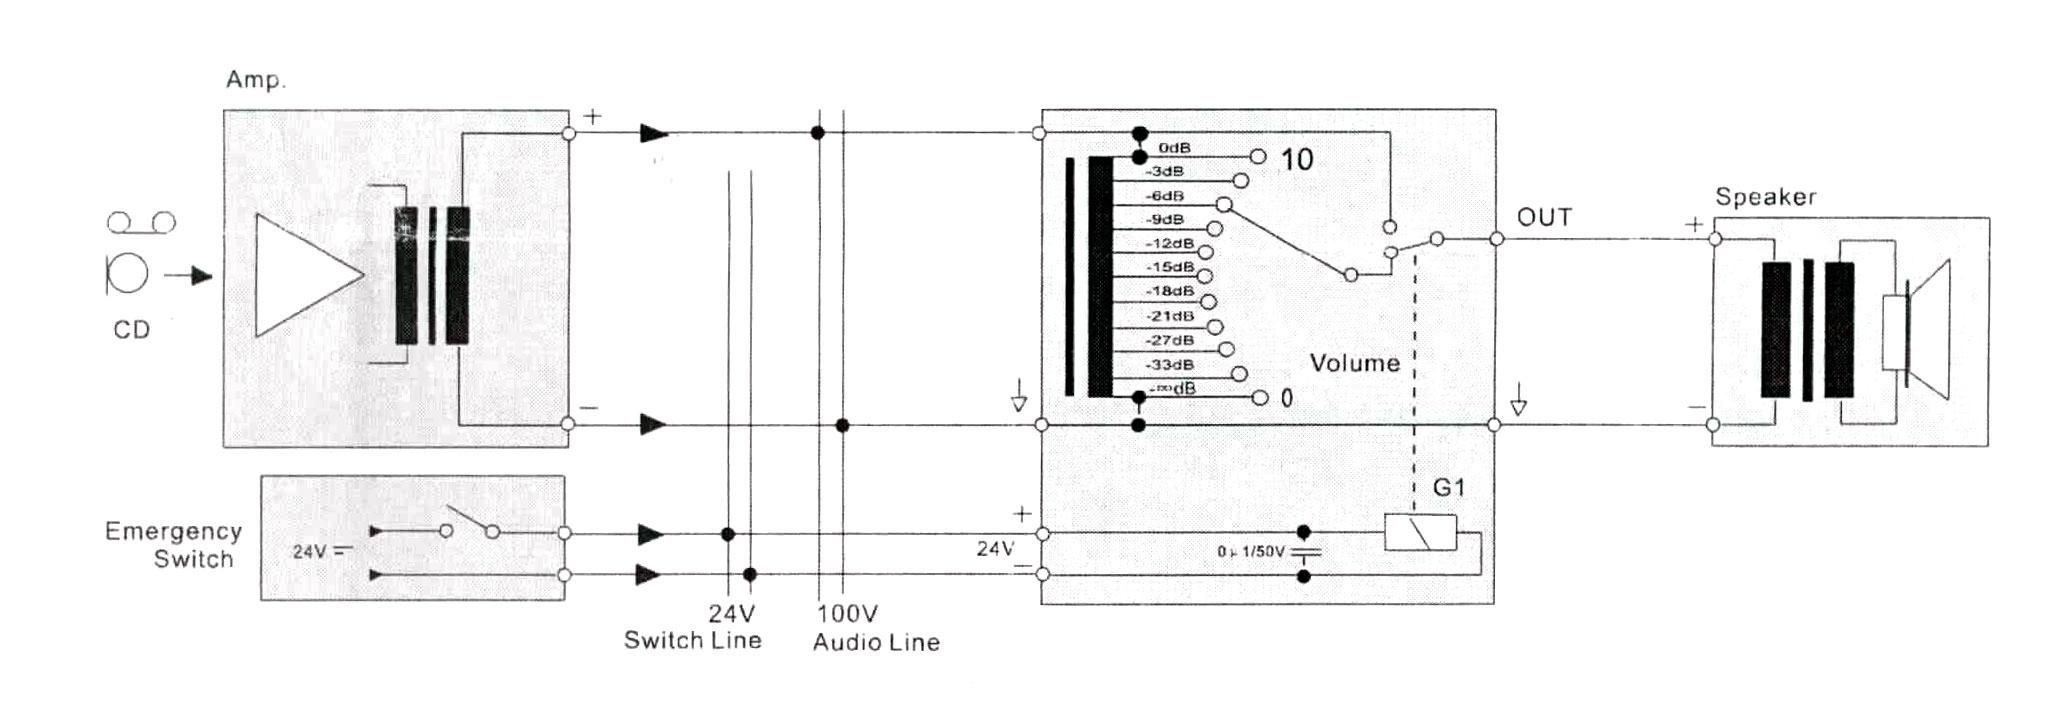 Schemat przedstawiający zasadę działania regulatora MRS-HT-06W